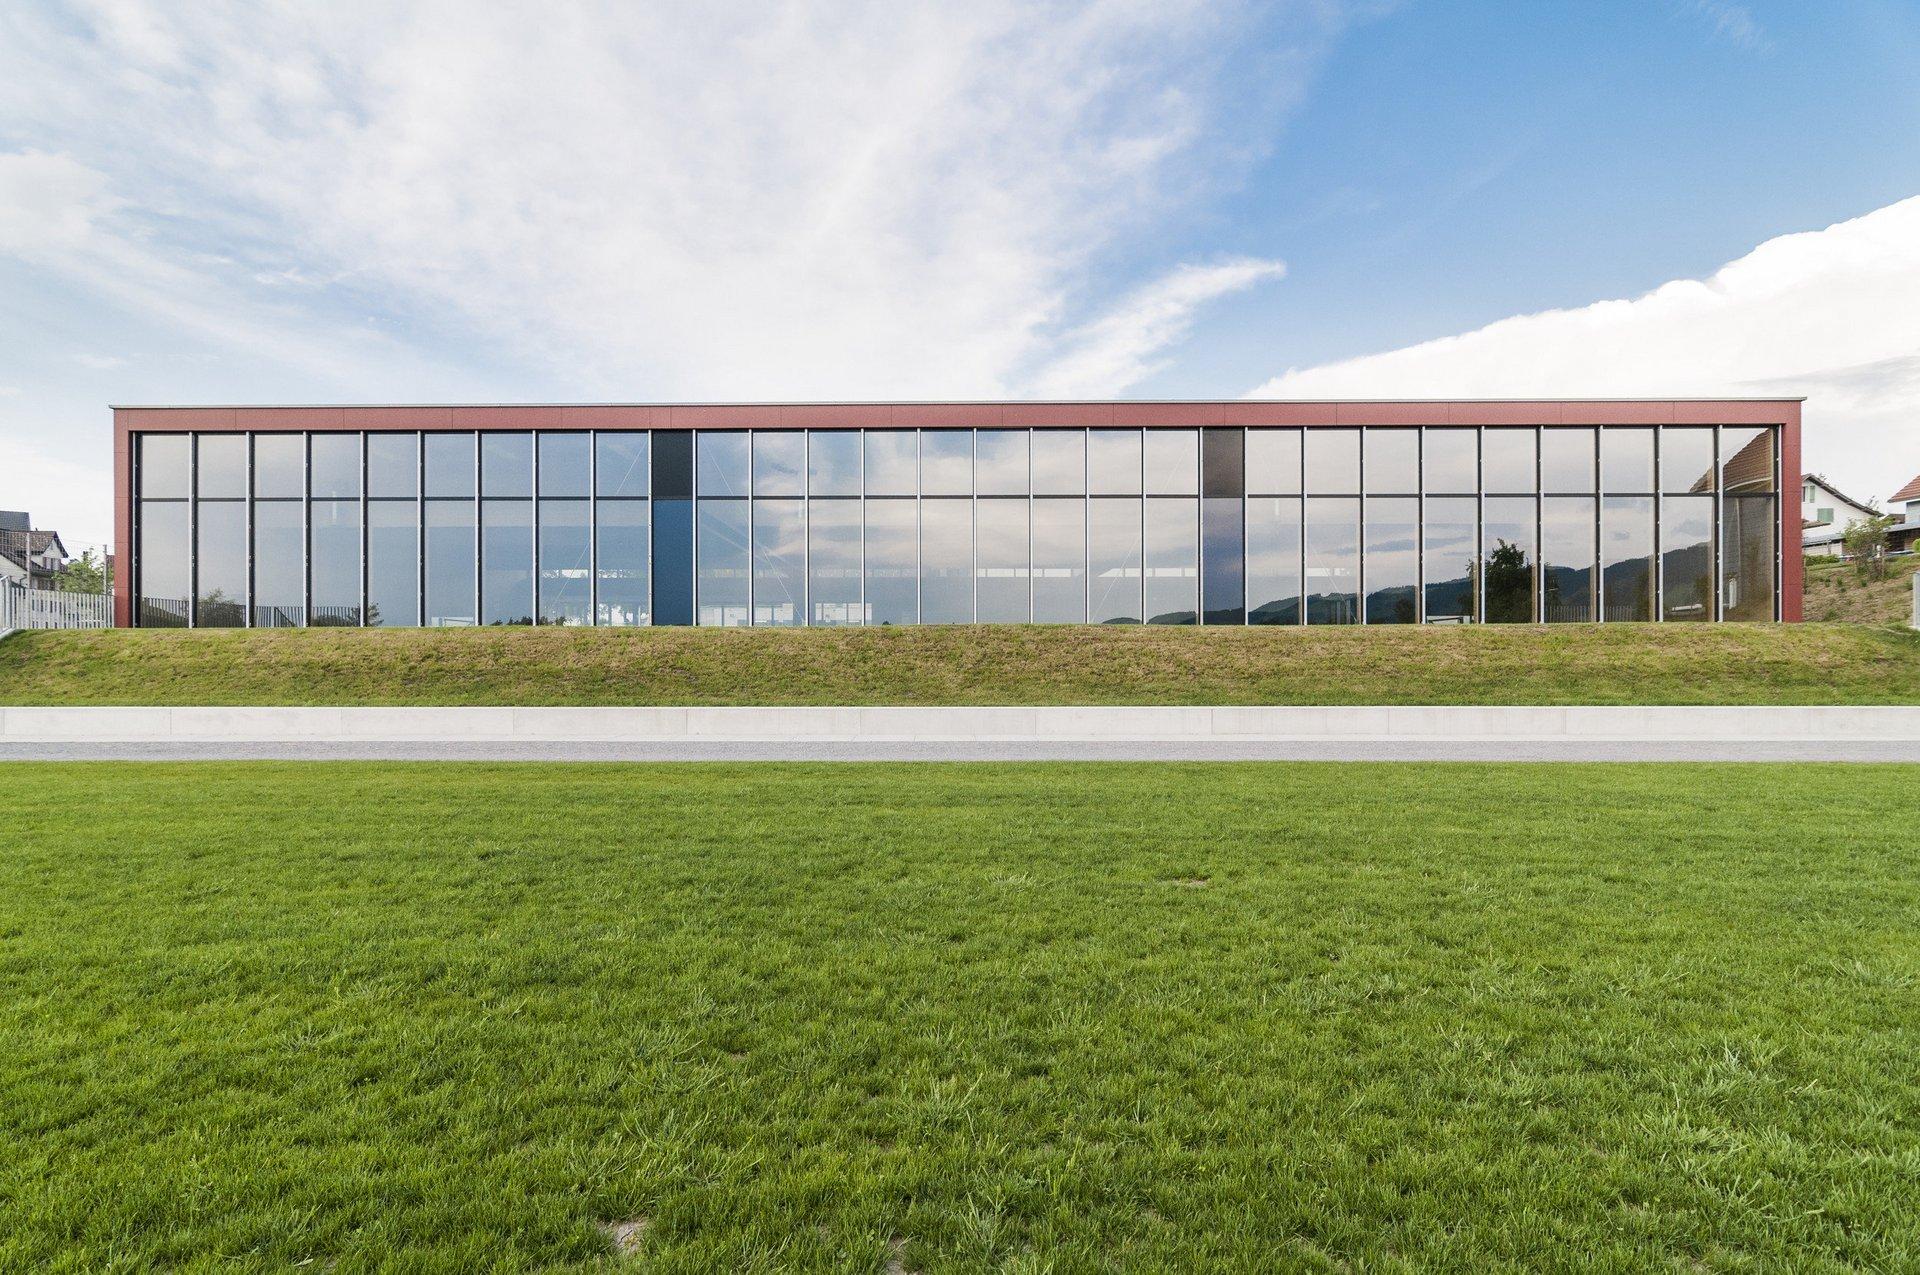 Sporthalle mit gleichmässigen Fensterelementen als Fensterfassade